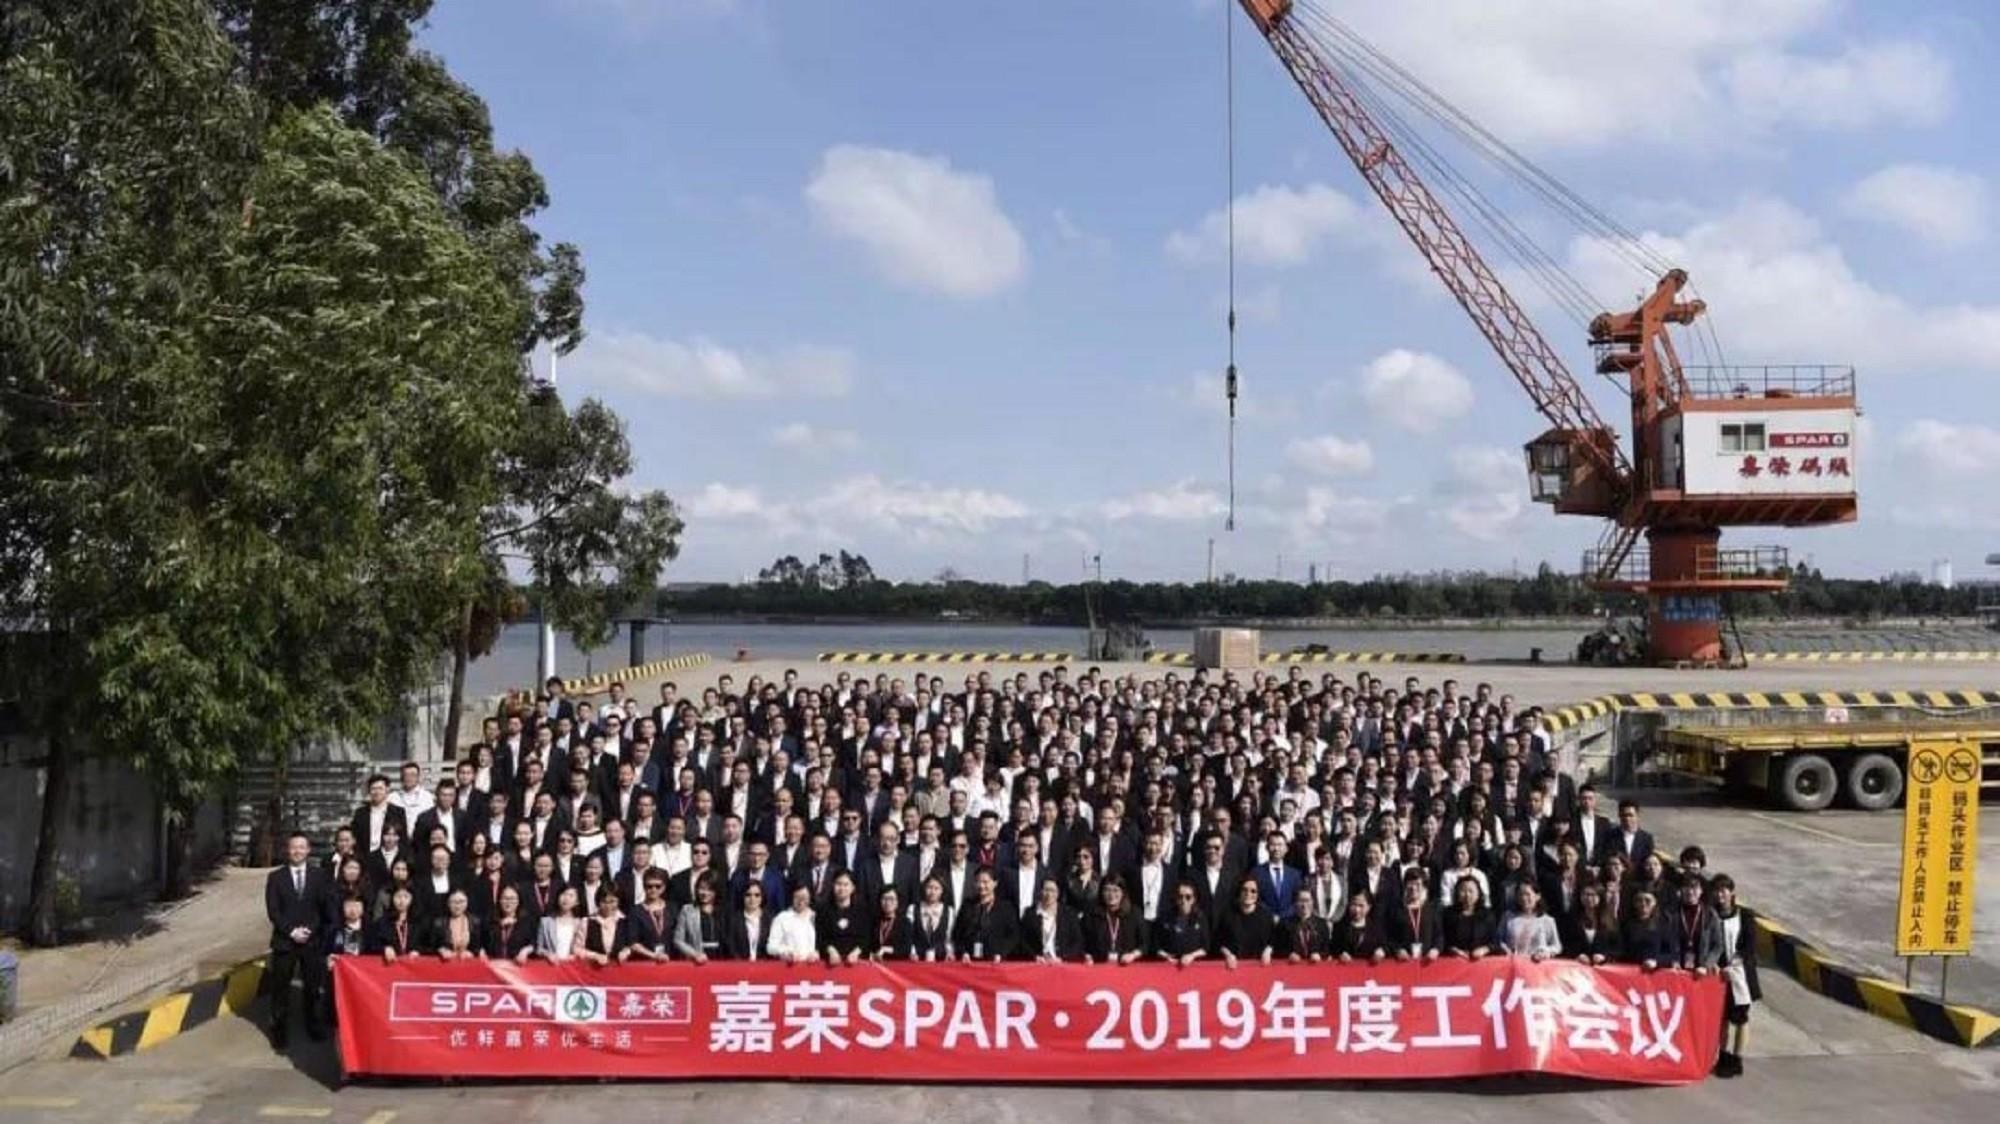 SPAR广东年度工作会议隆重召开02